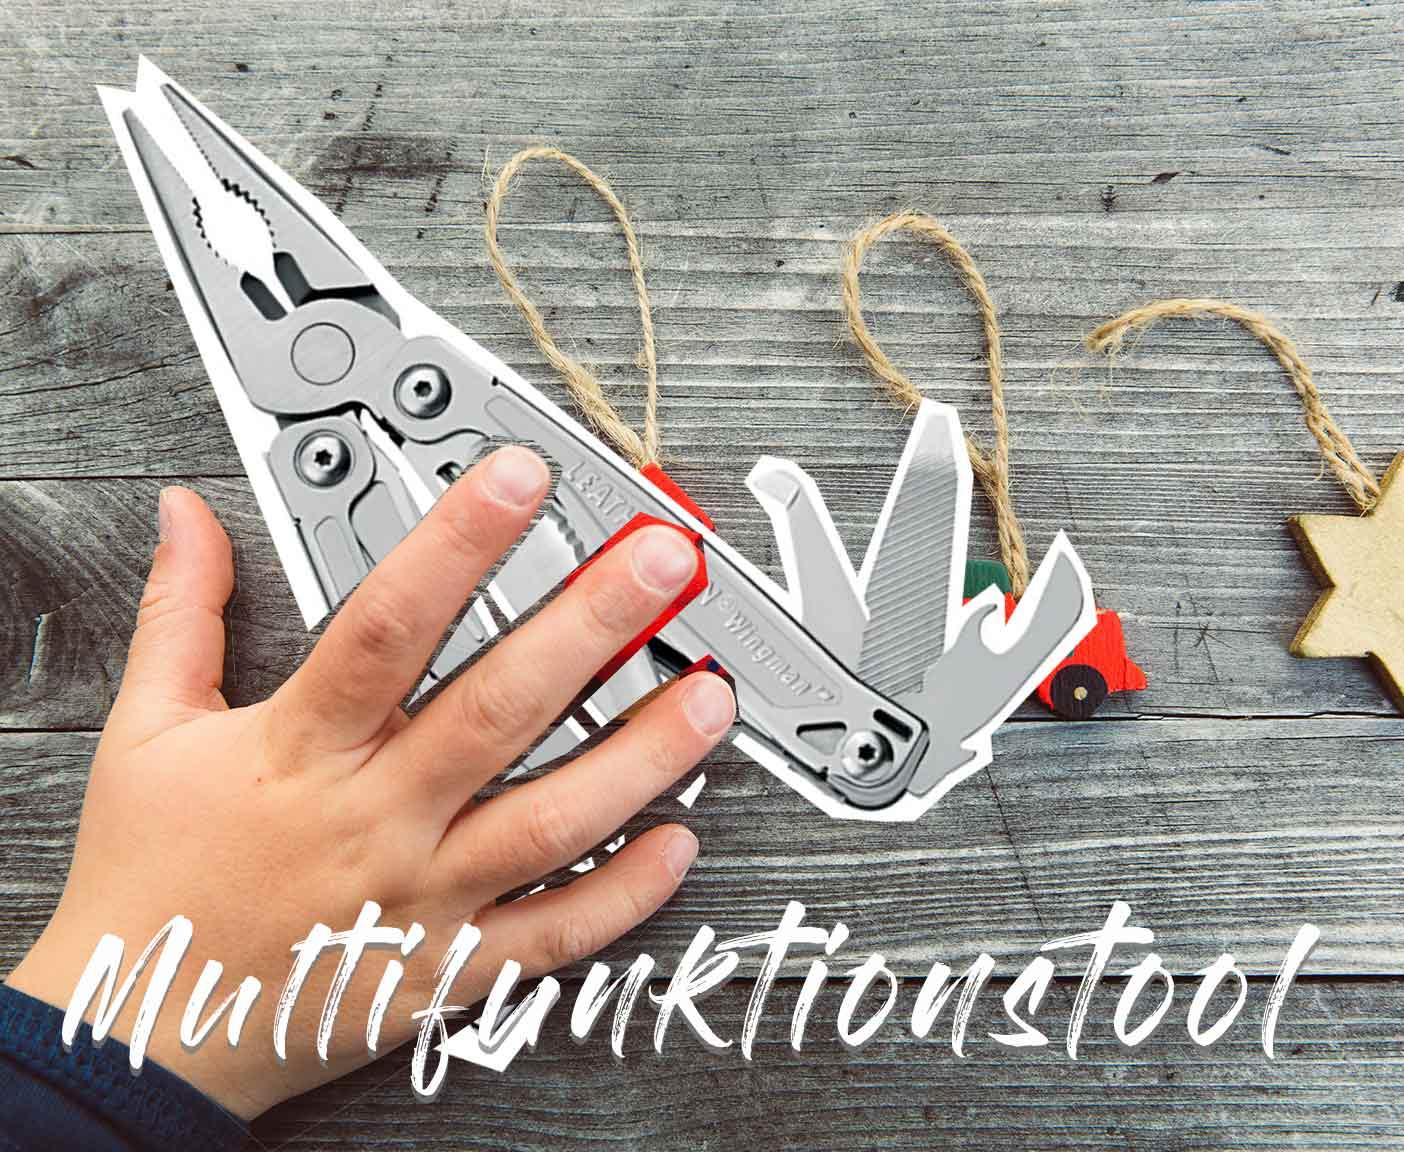 camper-geschenk-weihnachten-geschenkideen-wohnmobil-lustige-accessoires-geschenkkorb-camping-ideen-campen-geburtstag-camp-geschichten-vanlife-Multifunktionstool_2